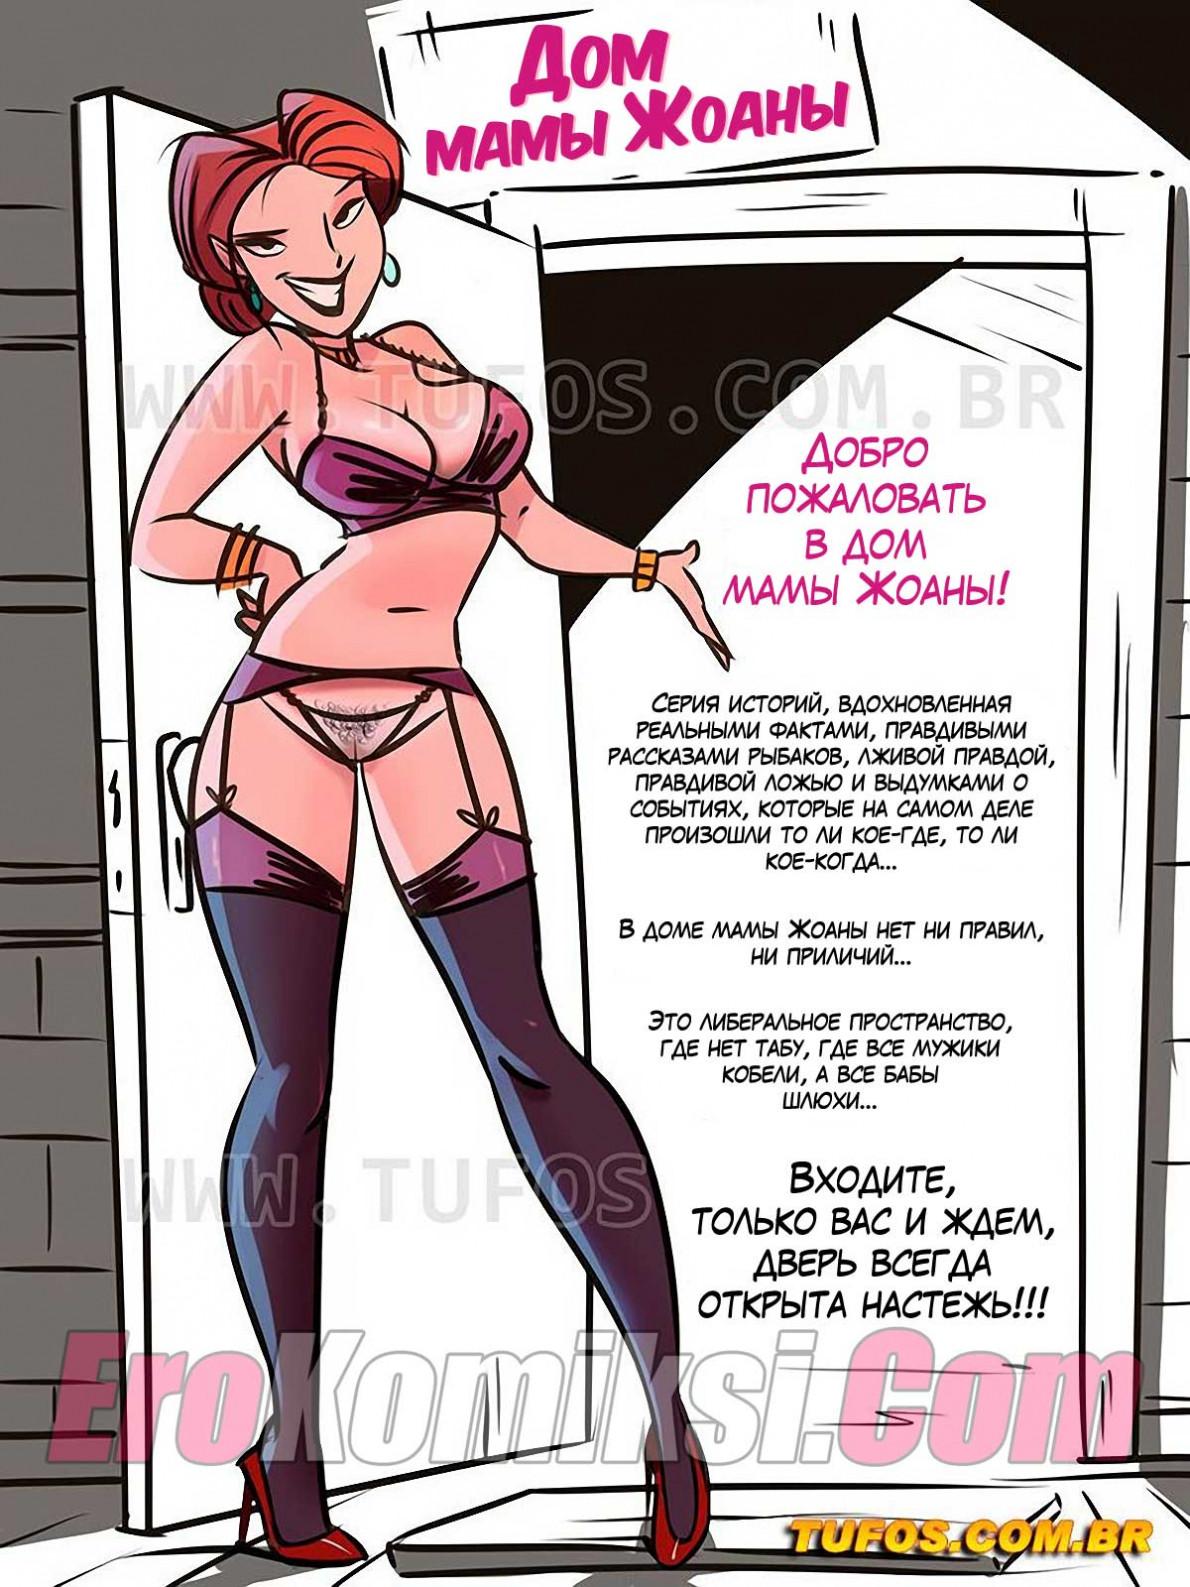 Дом мамы Жоанны, часть 1, порно комиксы Анал, Измена, Порно комиксы